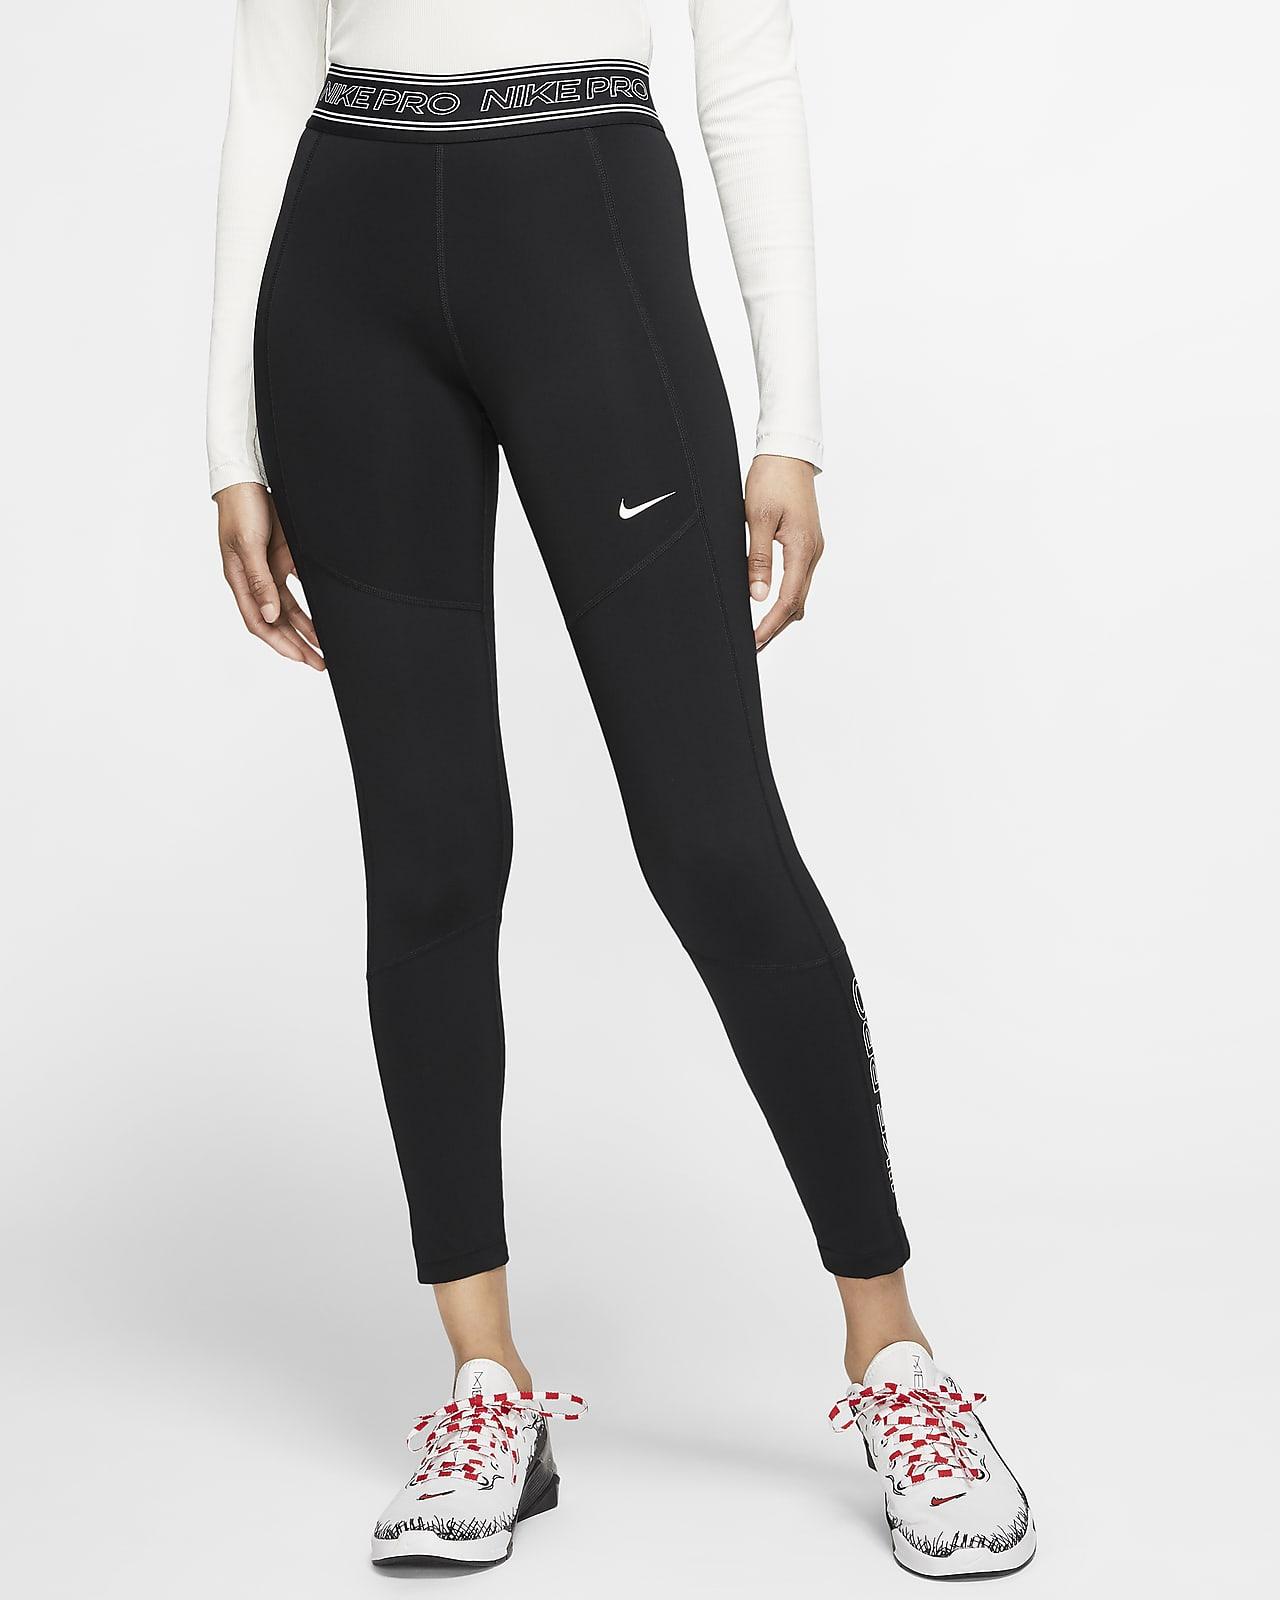 Legging imprimé 7/8 Nike Pro pour Femme